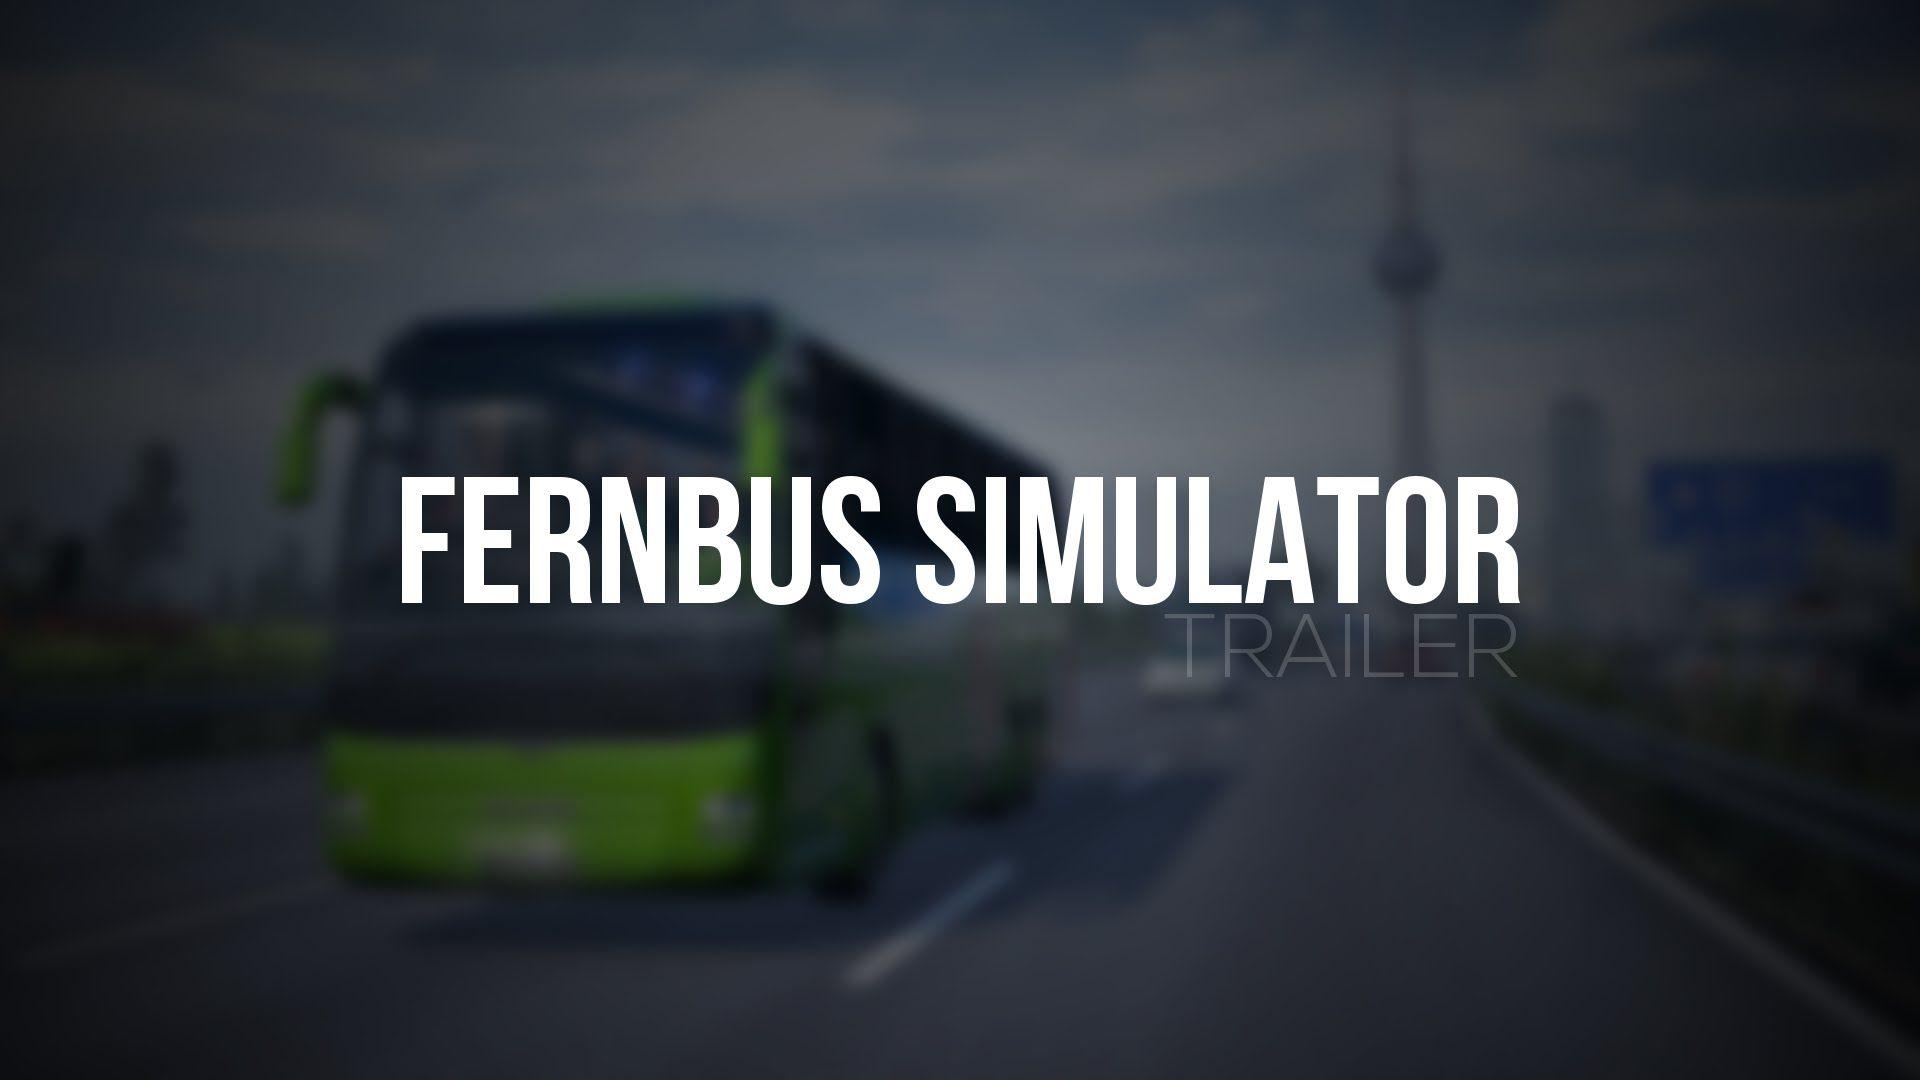 Fernbus Simulator: релизный трейлер игры